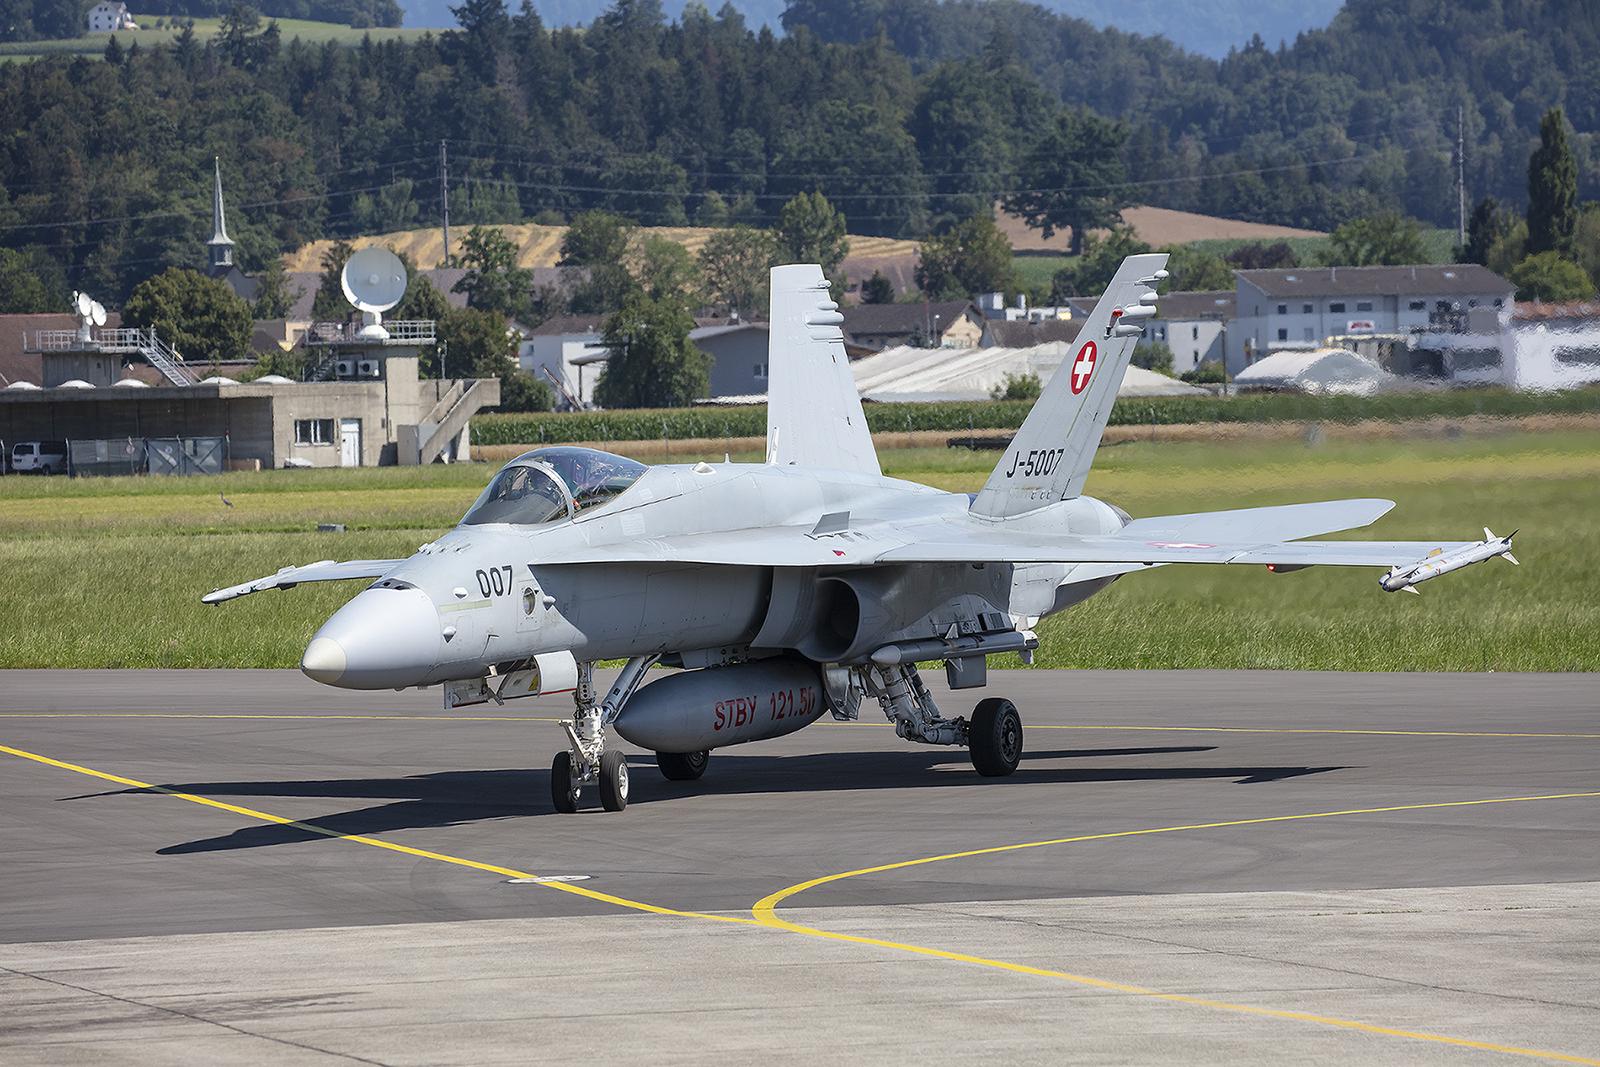 Die J-5007 flog an diesem Tag Luftpolizeidienst und war scharf bewaffnet.